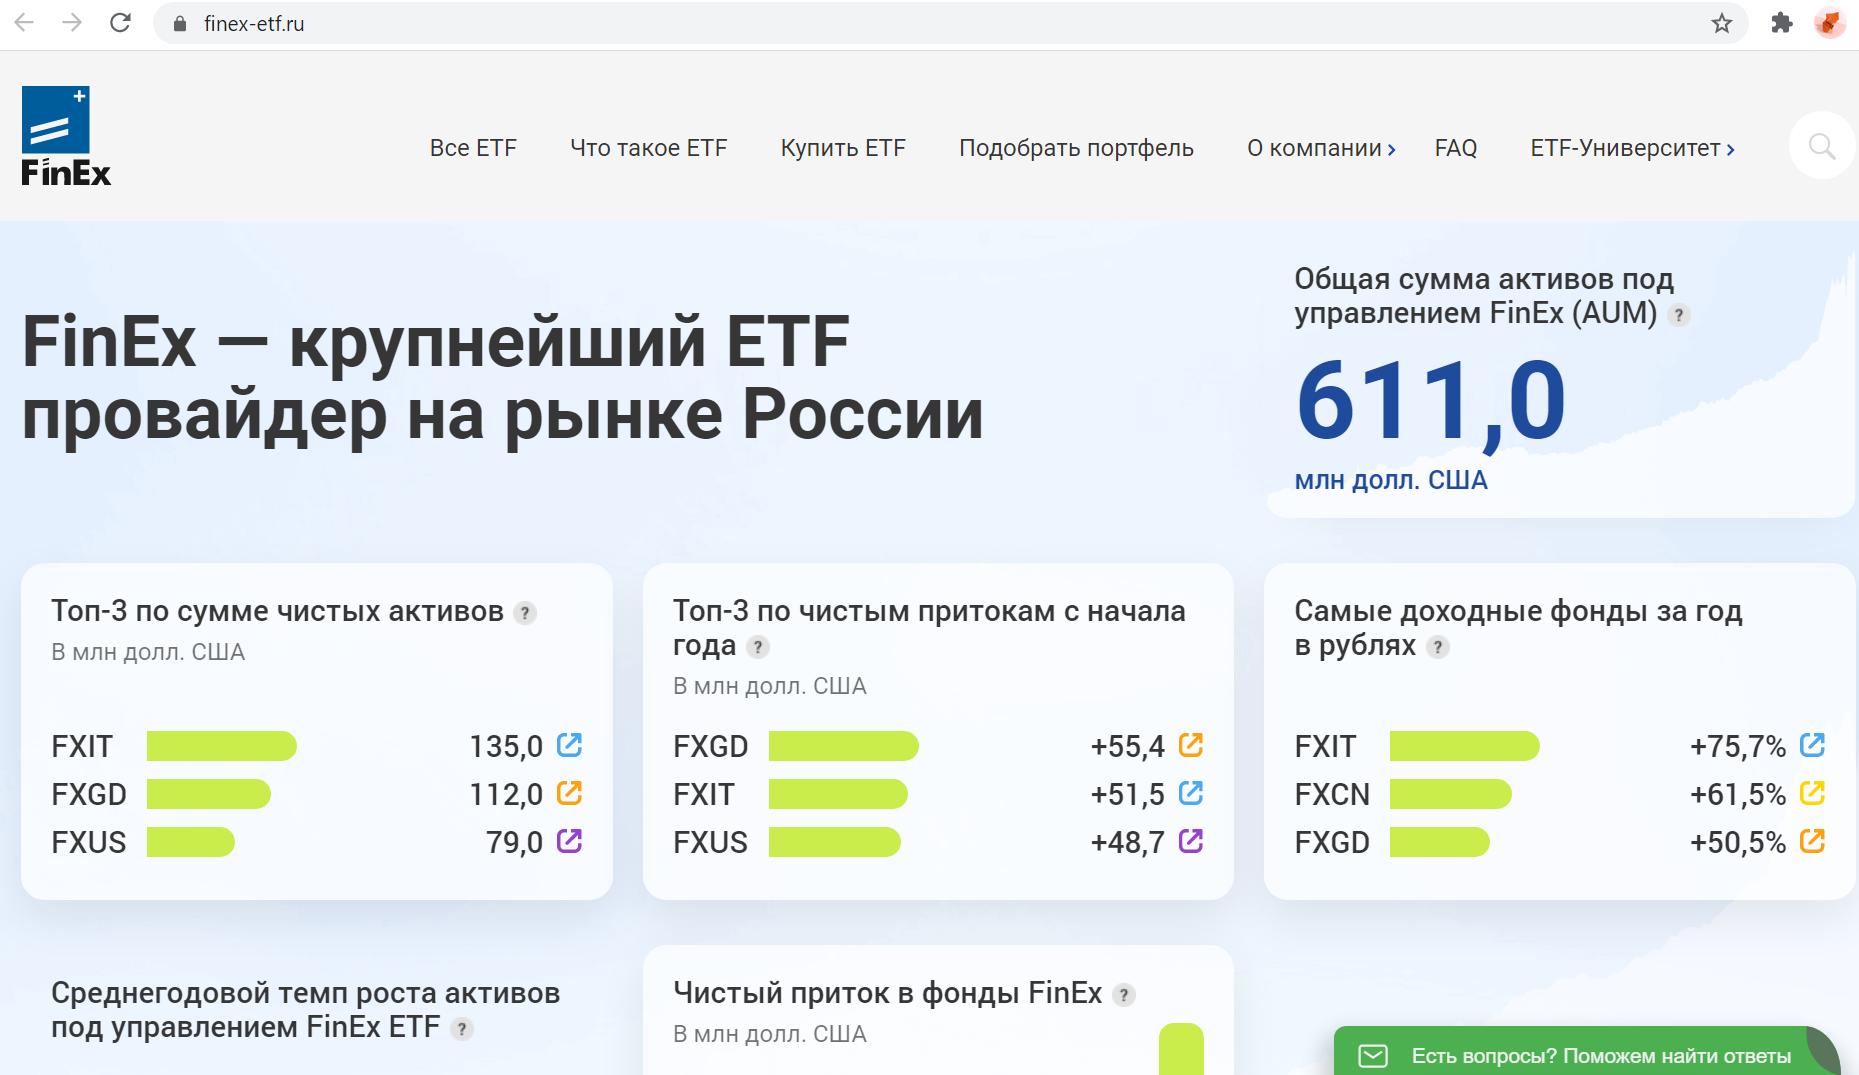 FinEx является крупным провайдером ETF на российском рынке